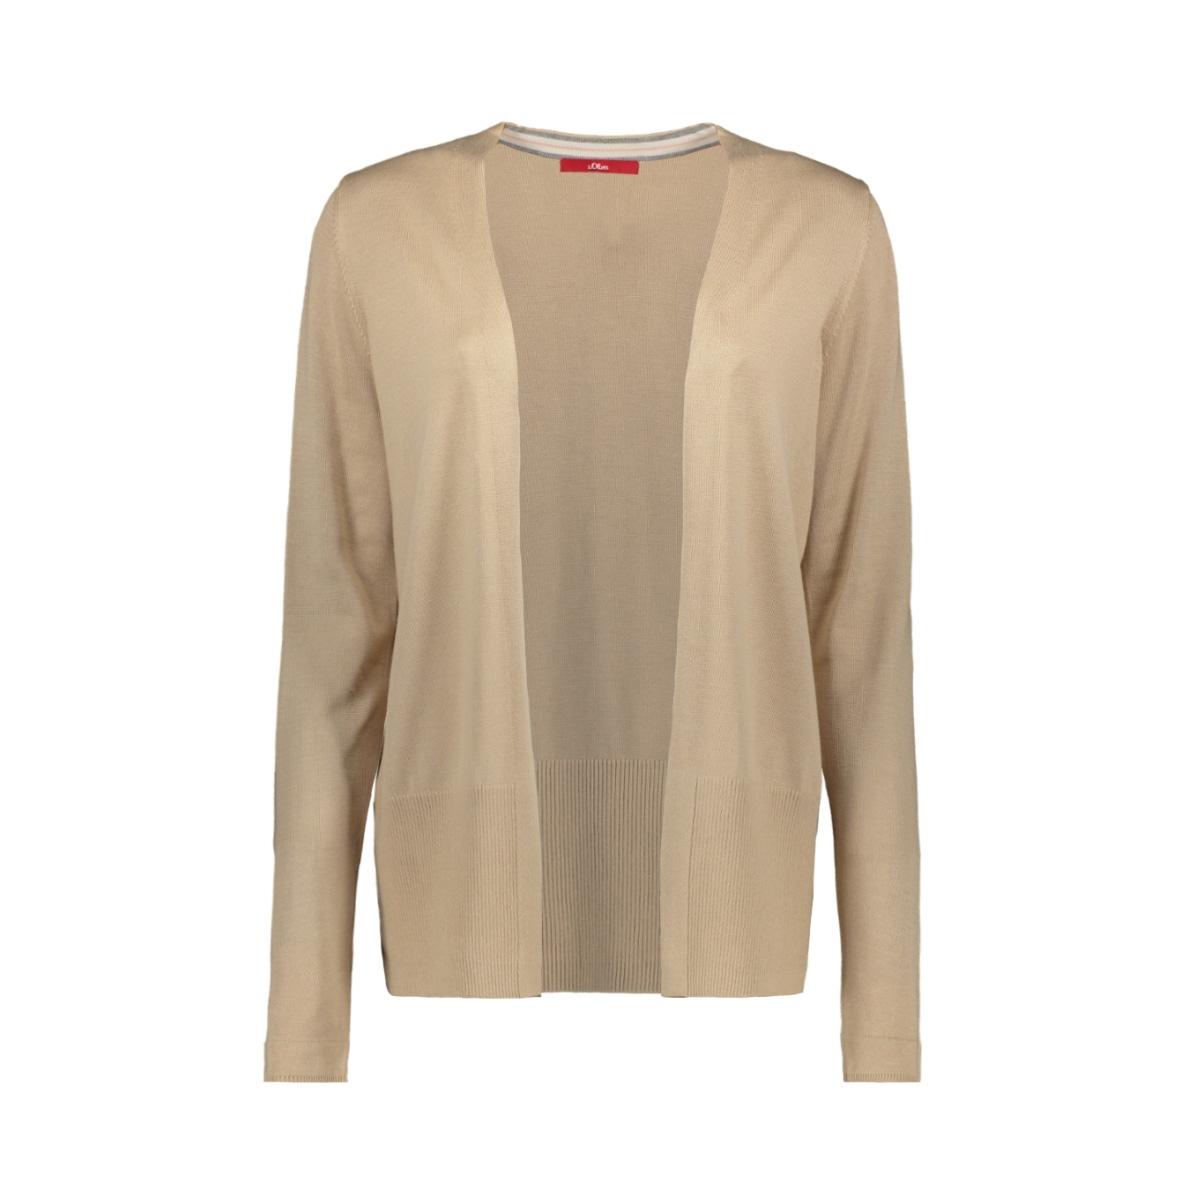 knitwear vest 14003642862 s.oliver vest 8402